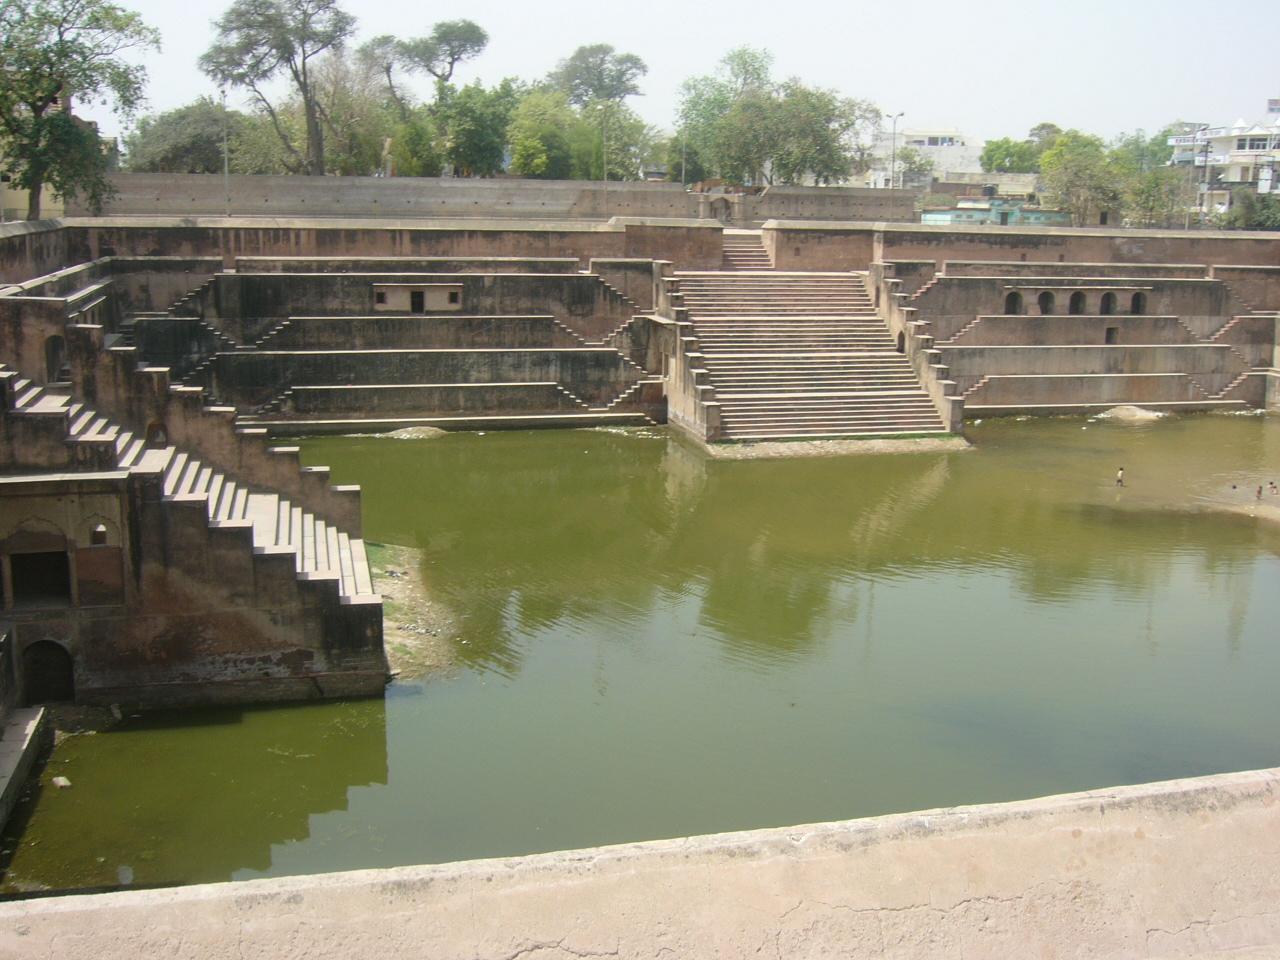 Mathura India  city photos gallery : Description Mathura India